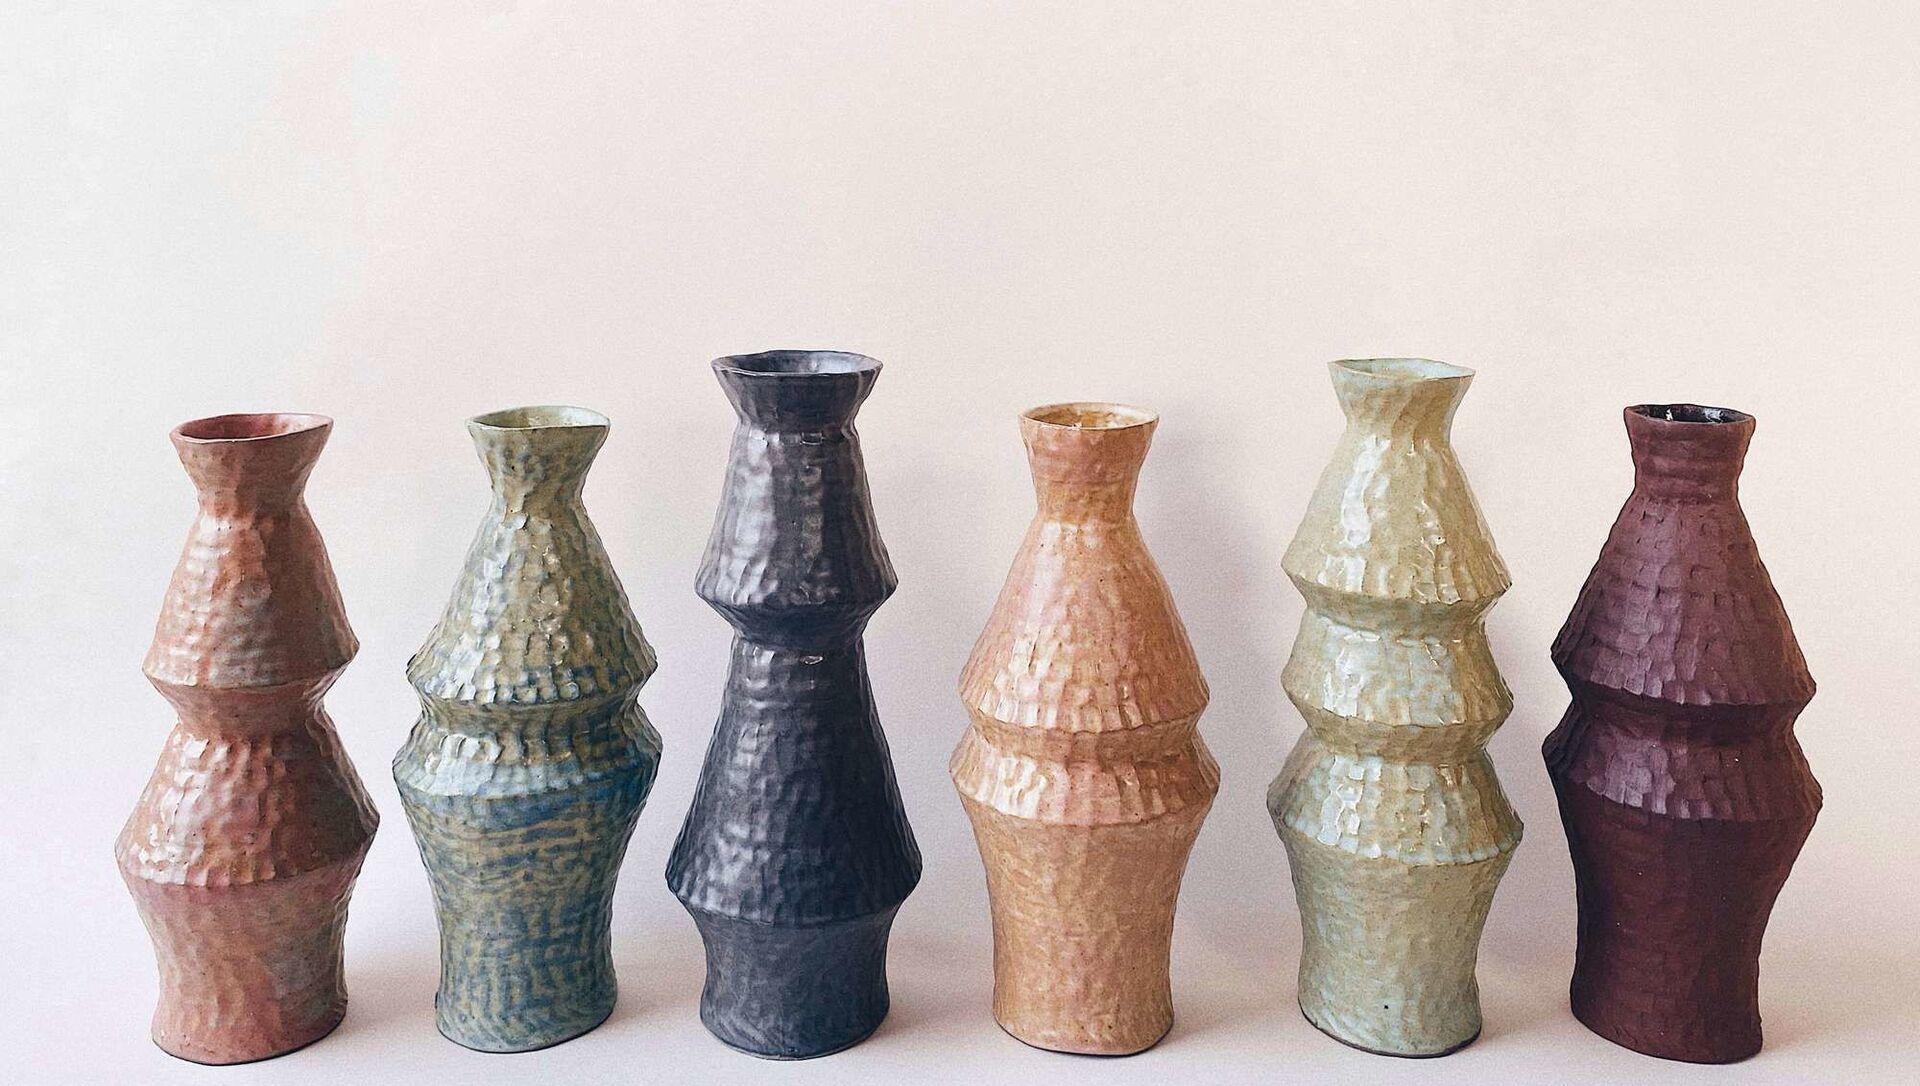 Стильная керамика: 5 роскошных подарков из Instagram - Sputnik Азербайджан, 1920, 03.03.2021